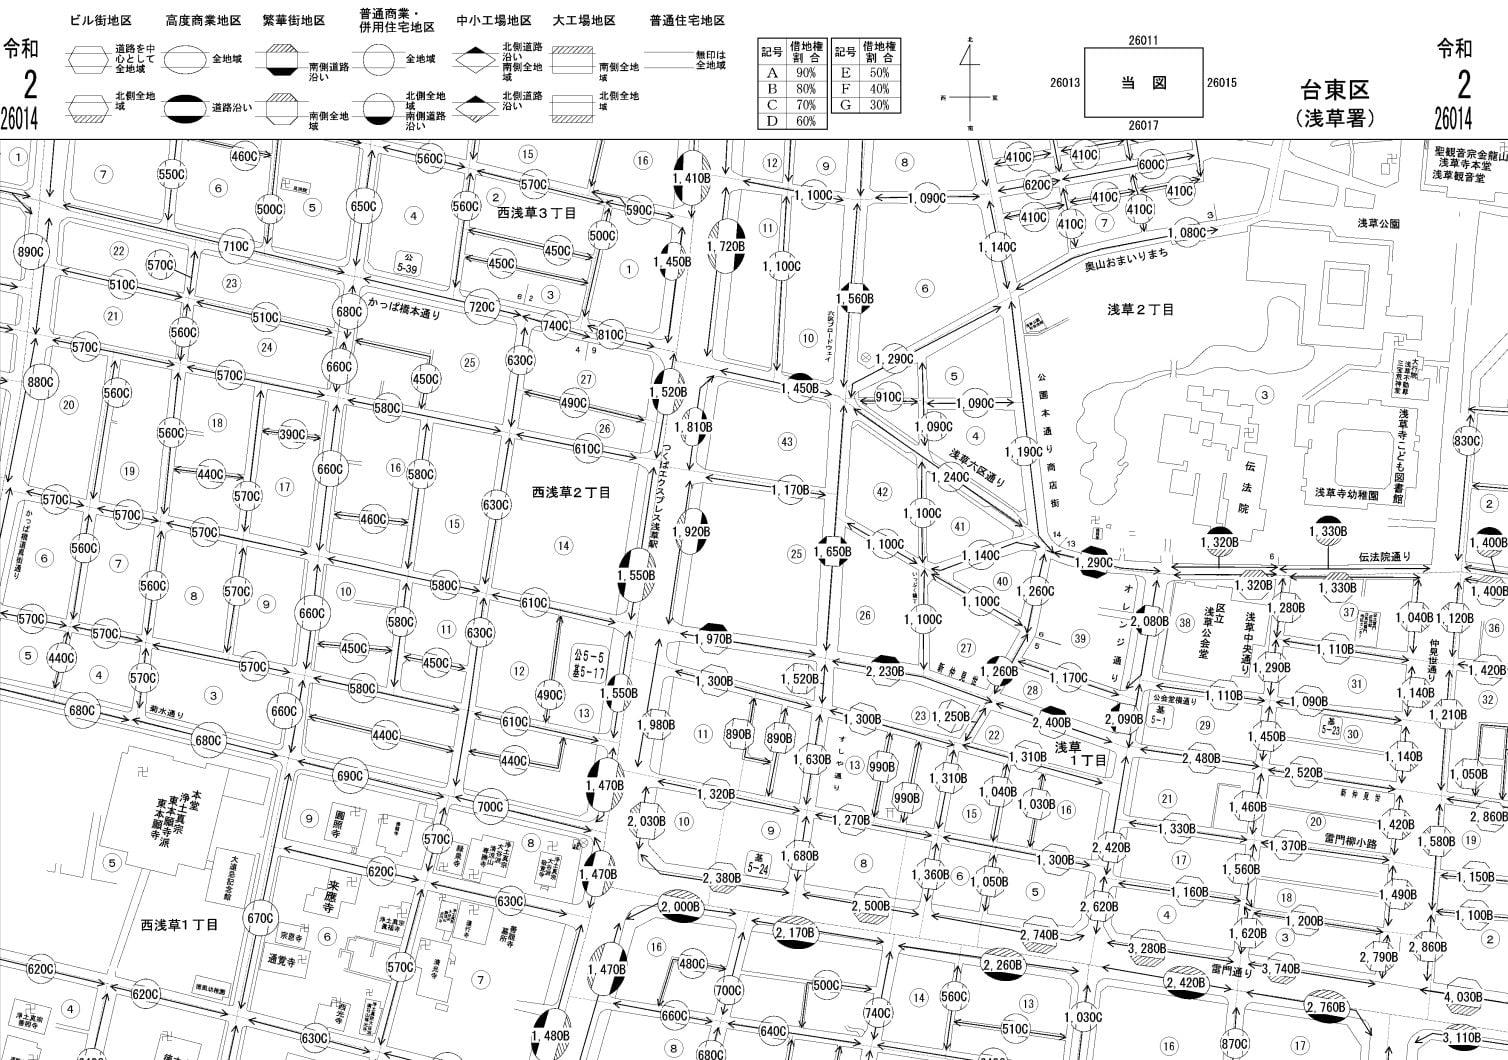 東京都台東区の路線価図